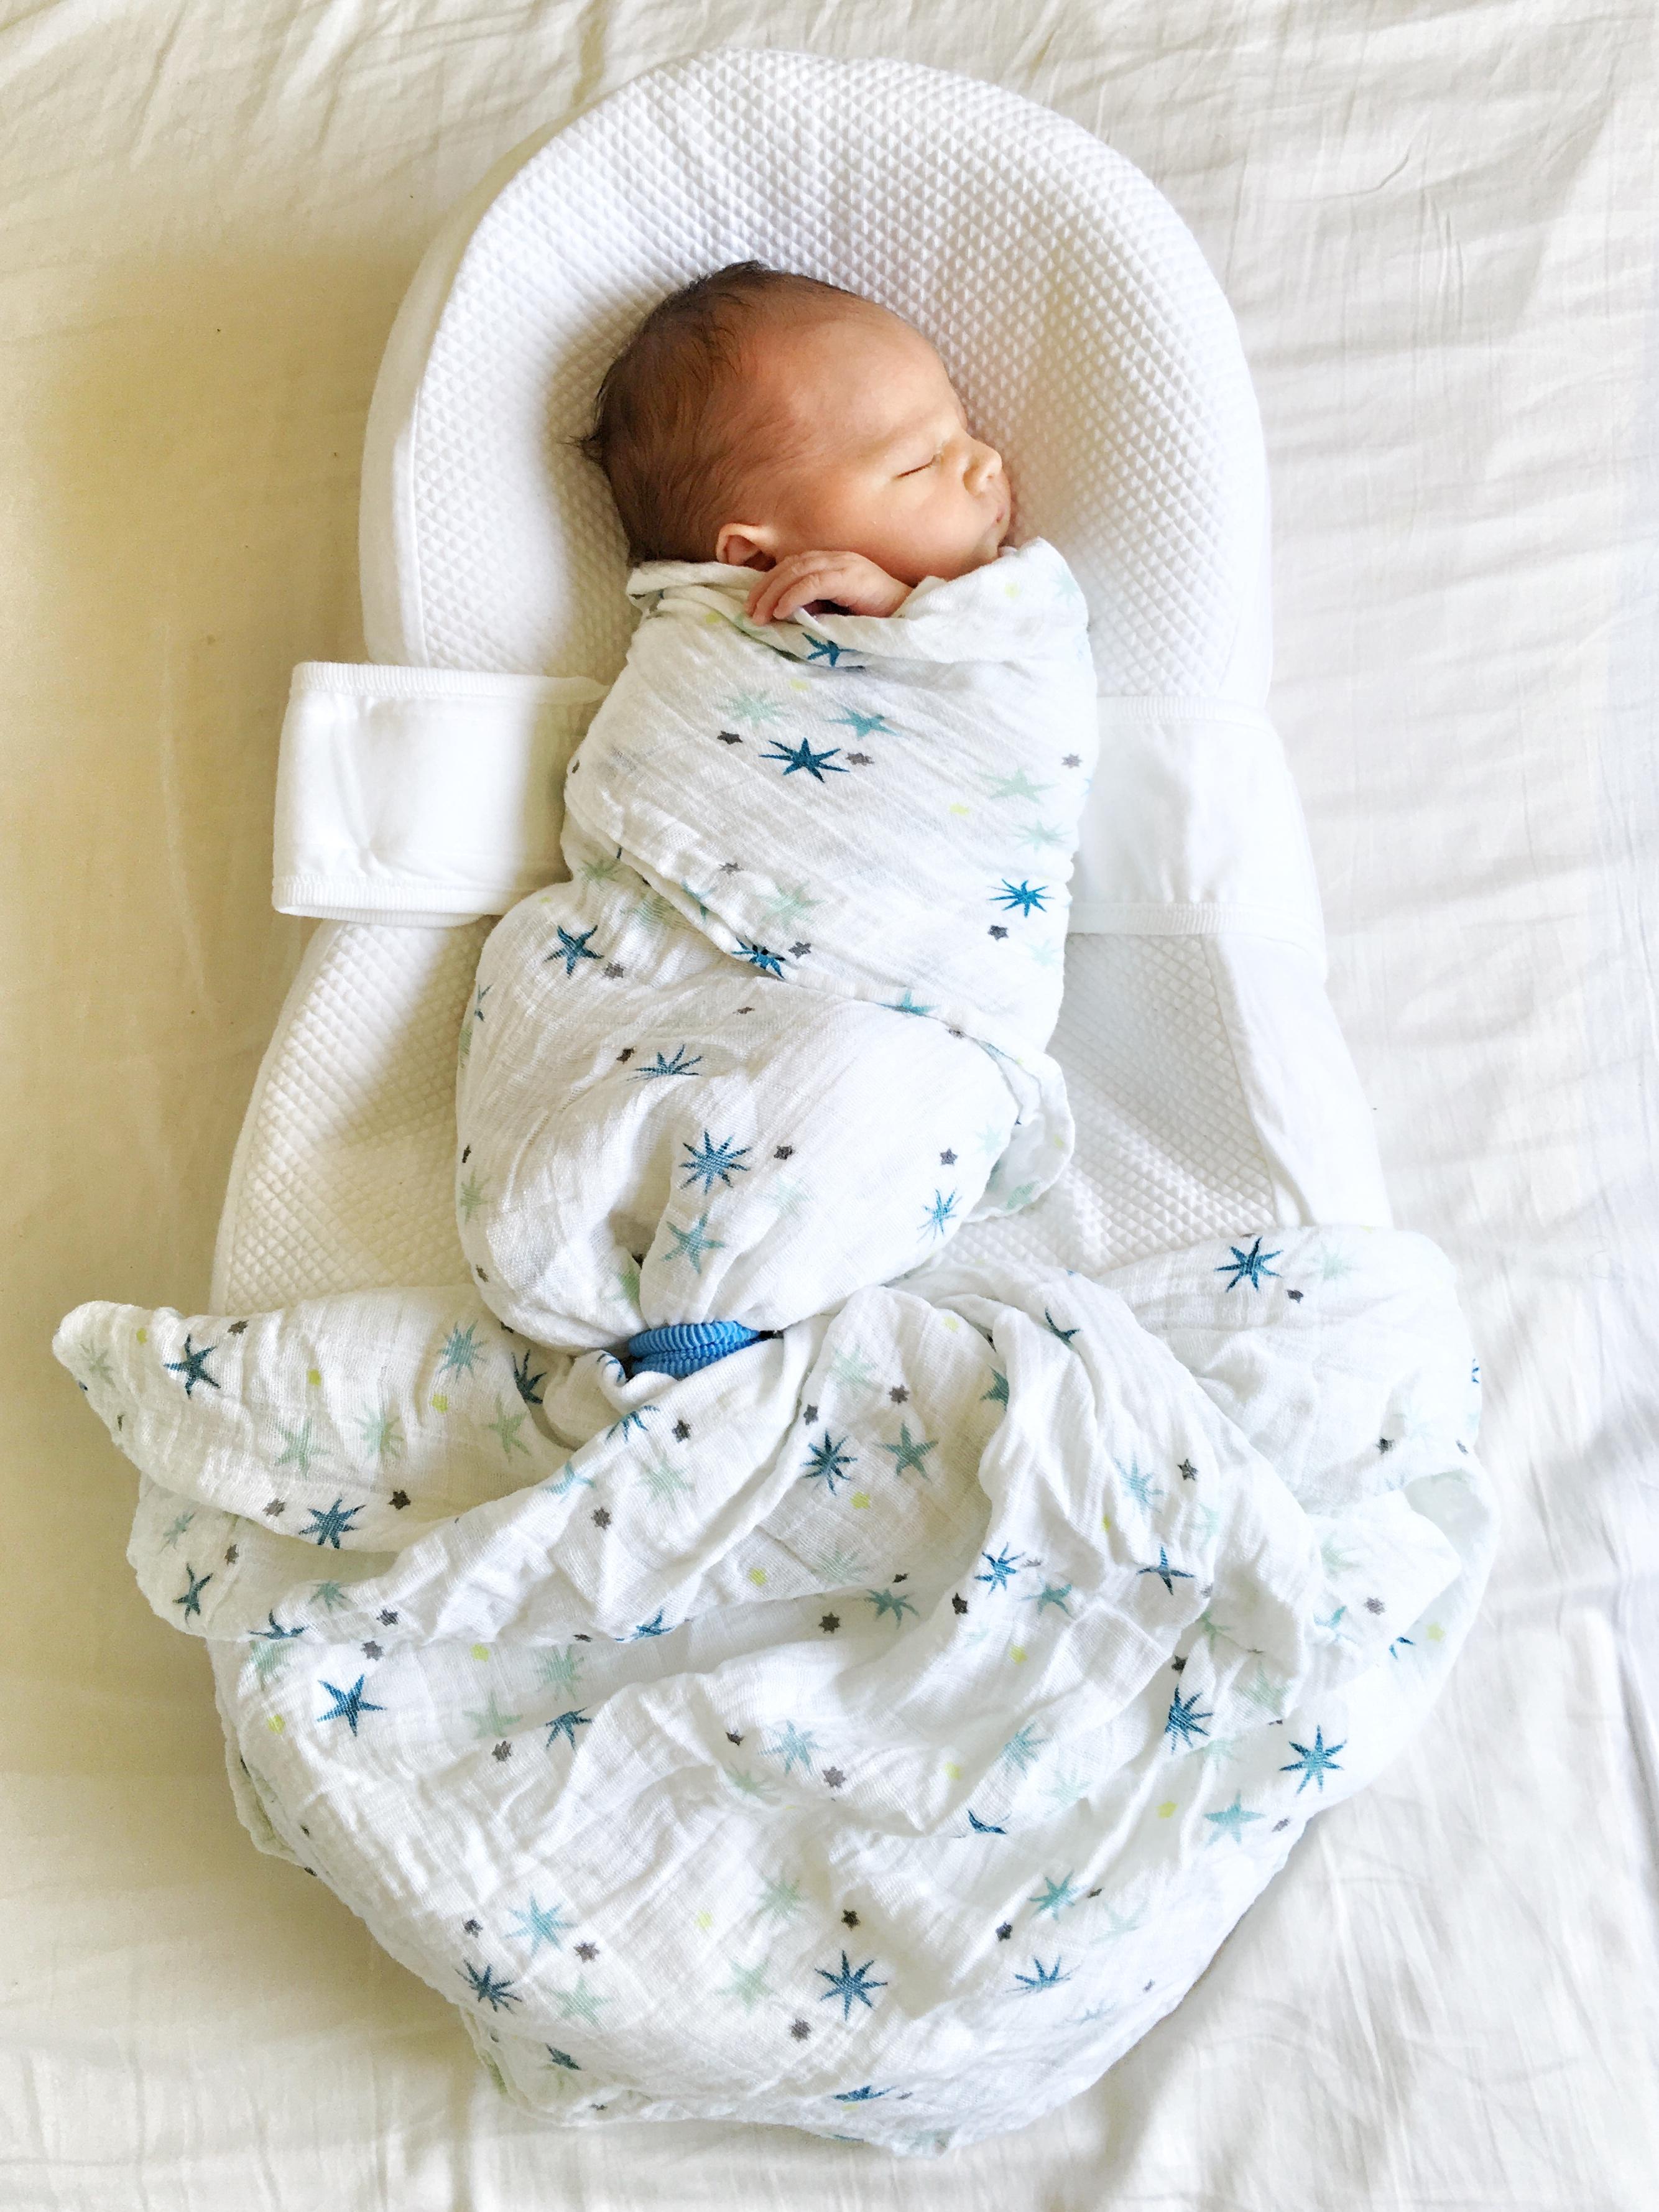 I am 1 week old!